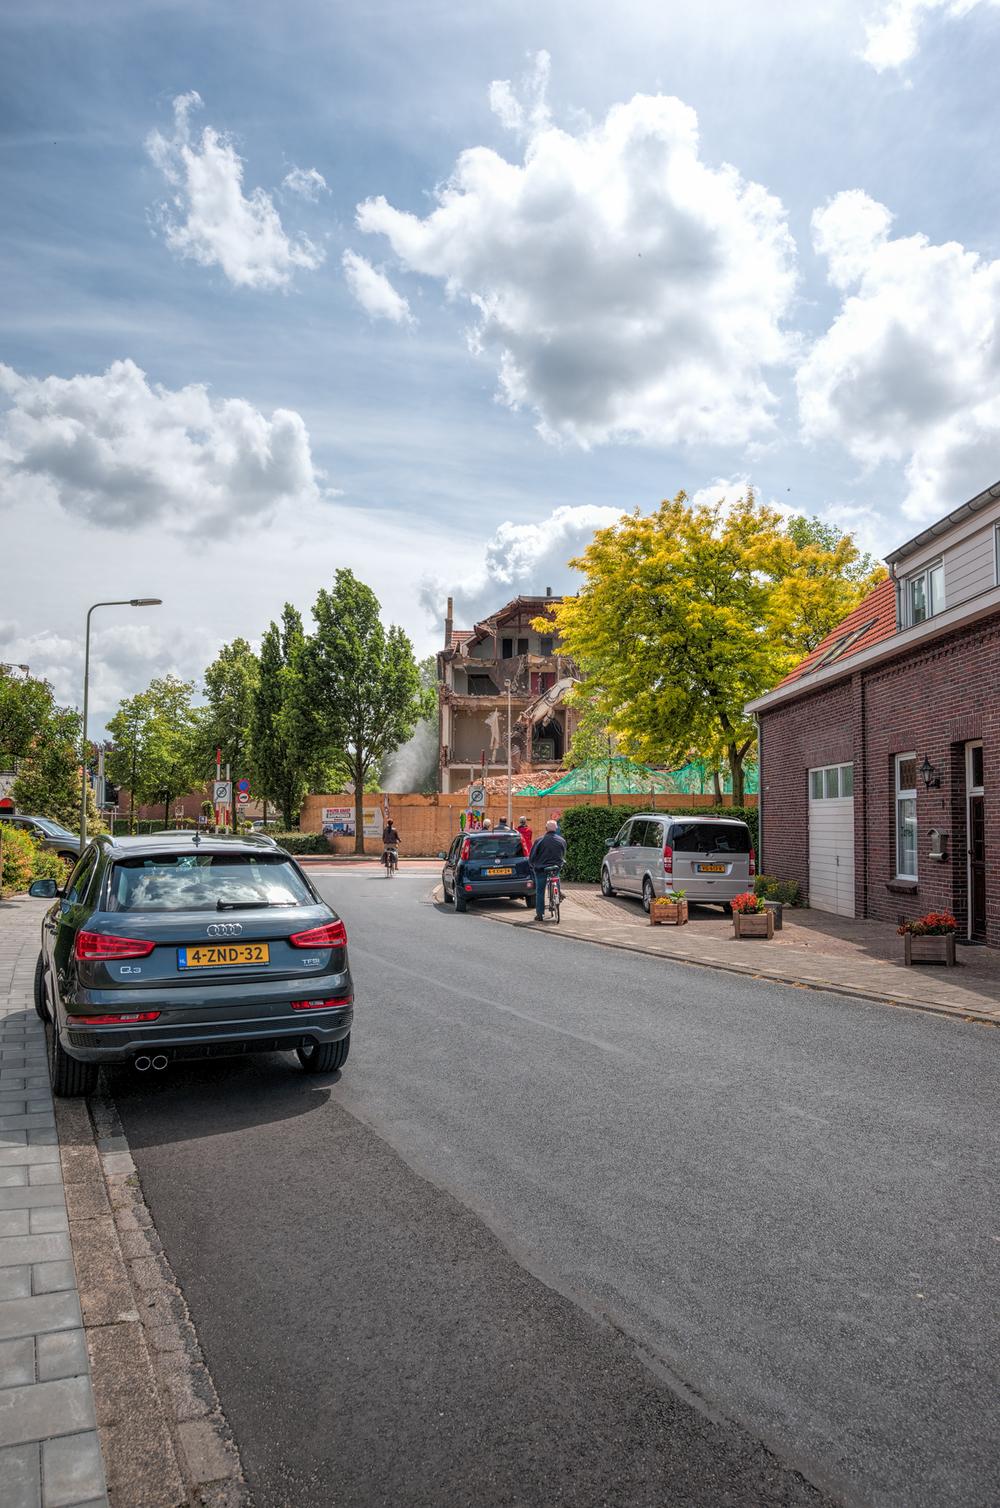 Rector_Driessenstraat-153.jpg